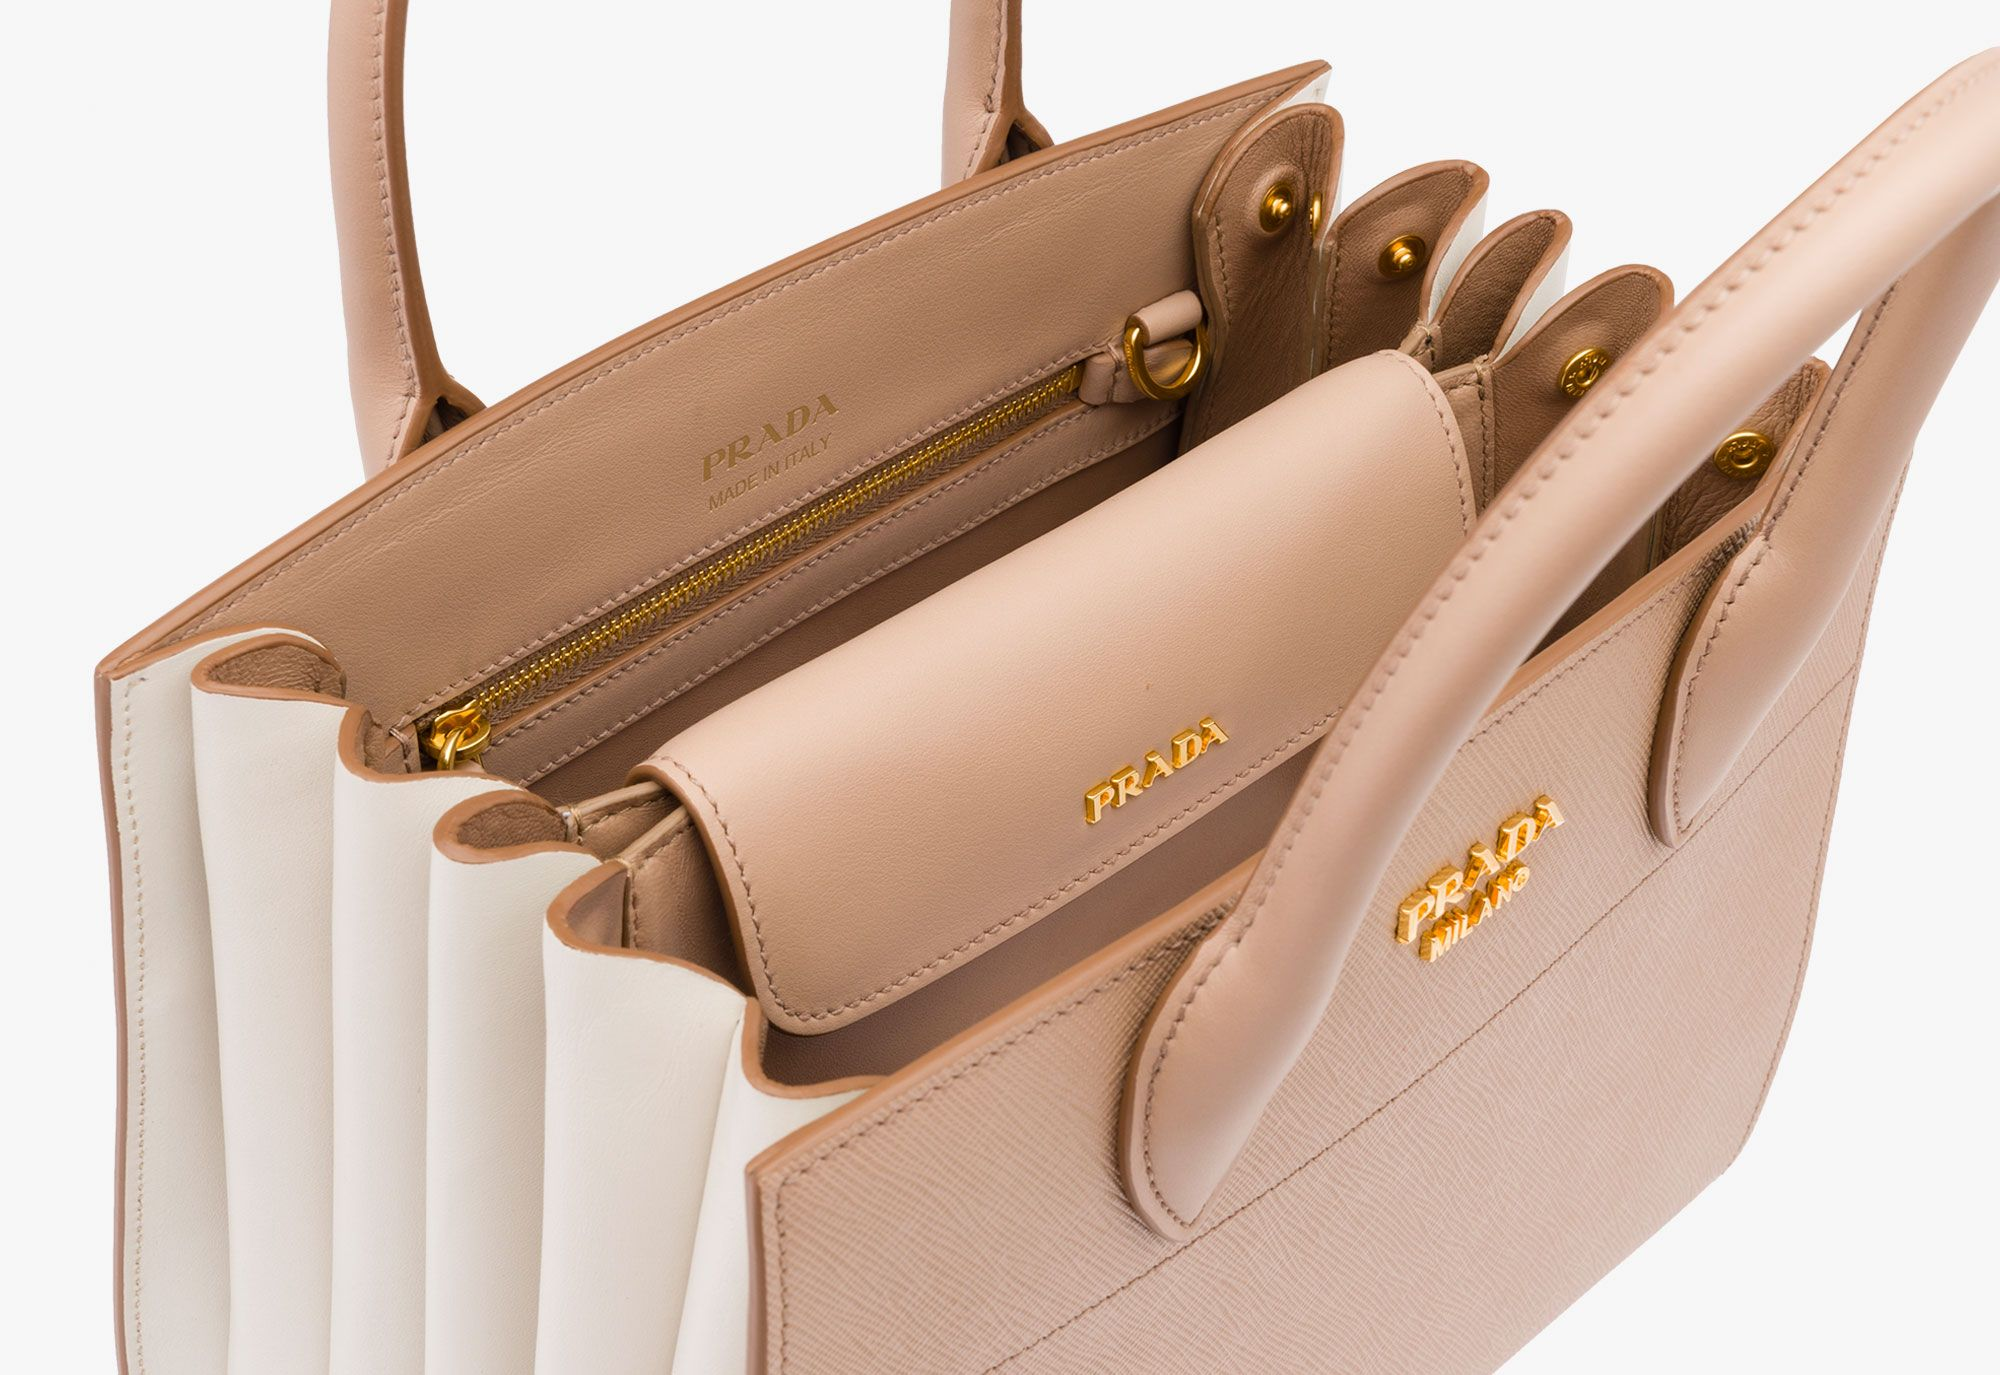 fa54d6ac97bd Prada Woman - Prada bibliothèque bag - Cammeo+talco -  1BA050 2EVU F0EXC V OOO Leather Bags